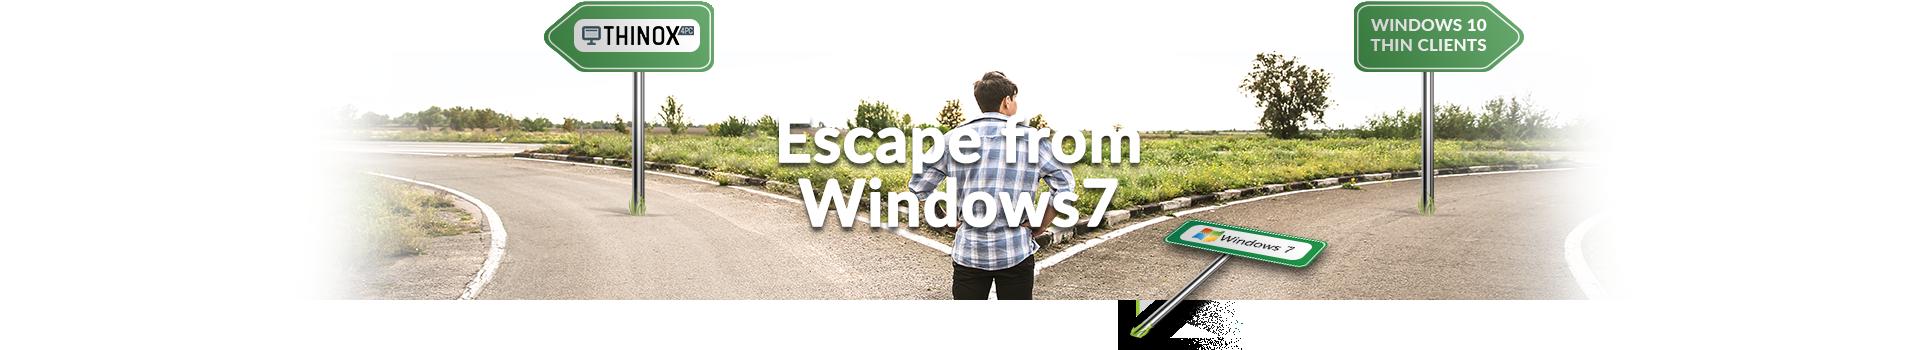 Escape from Windows 7